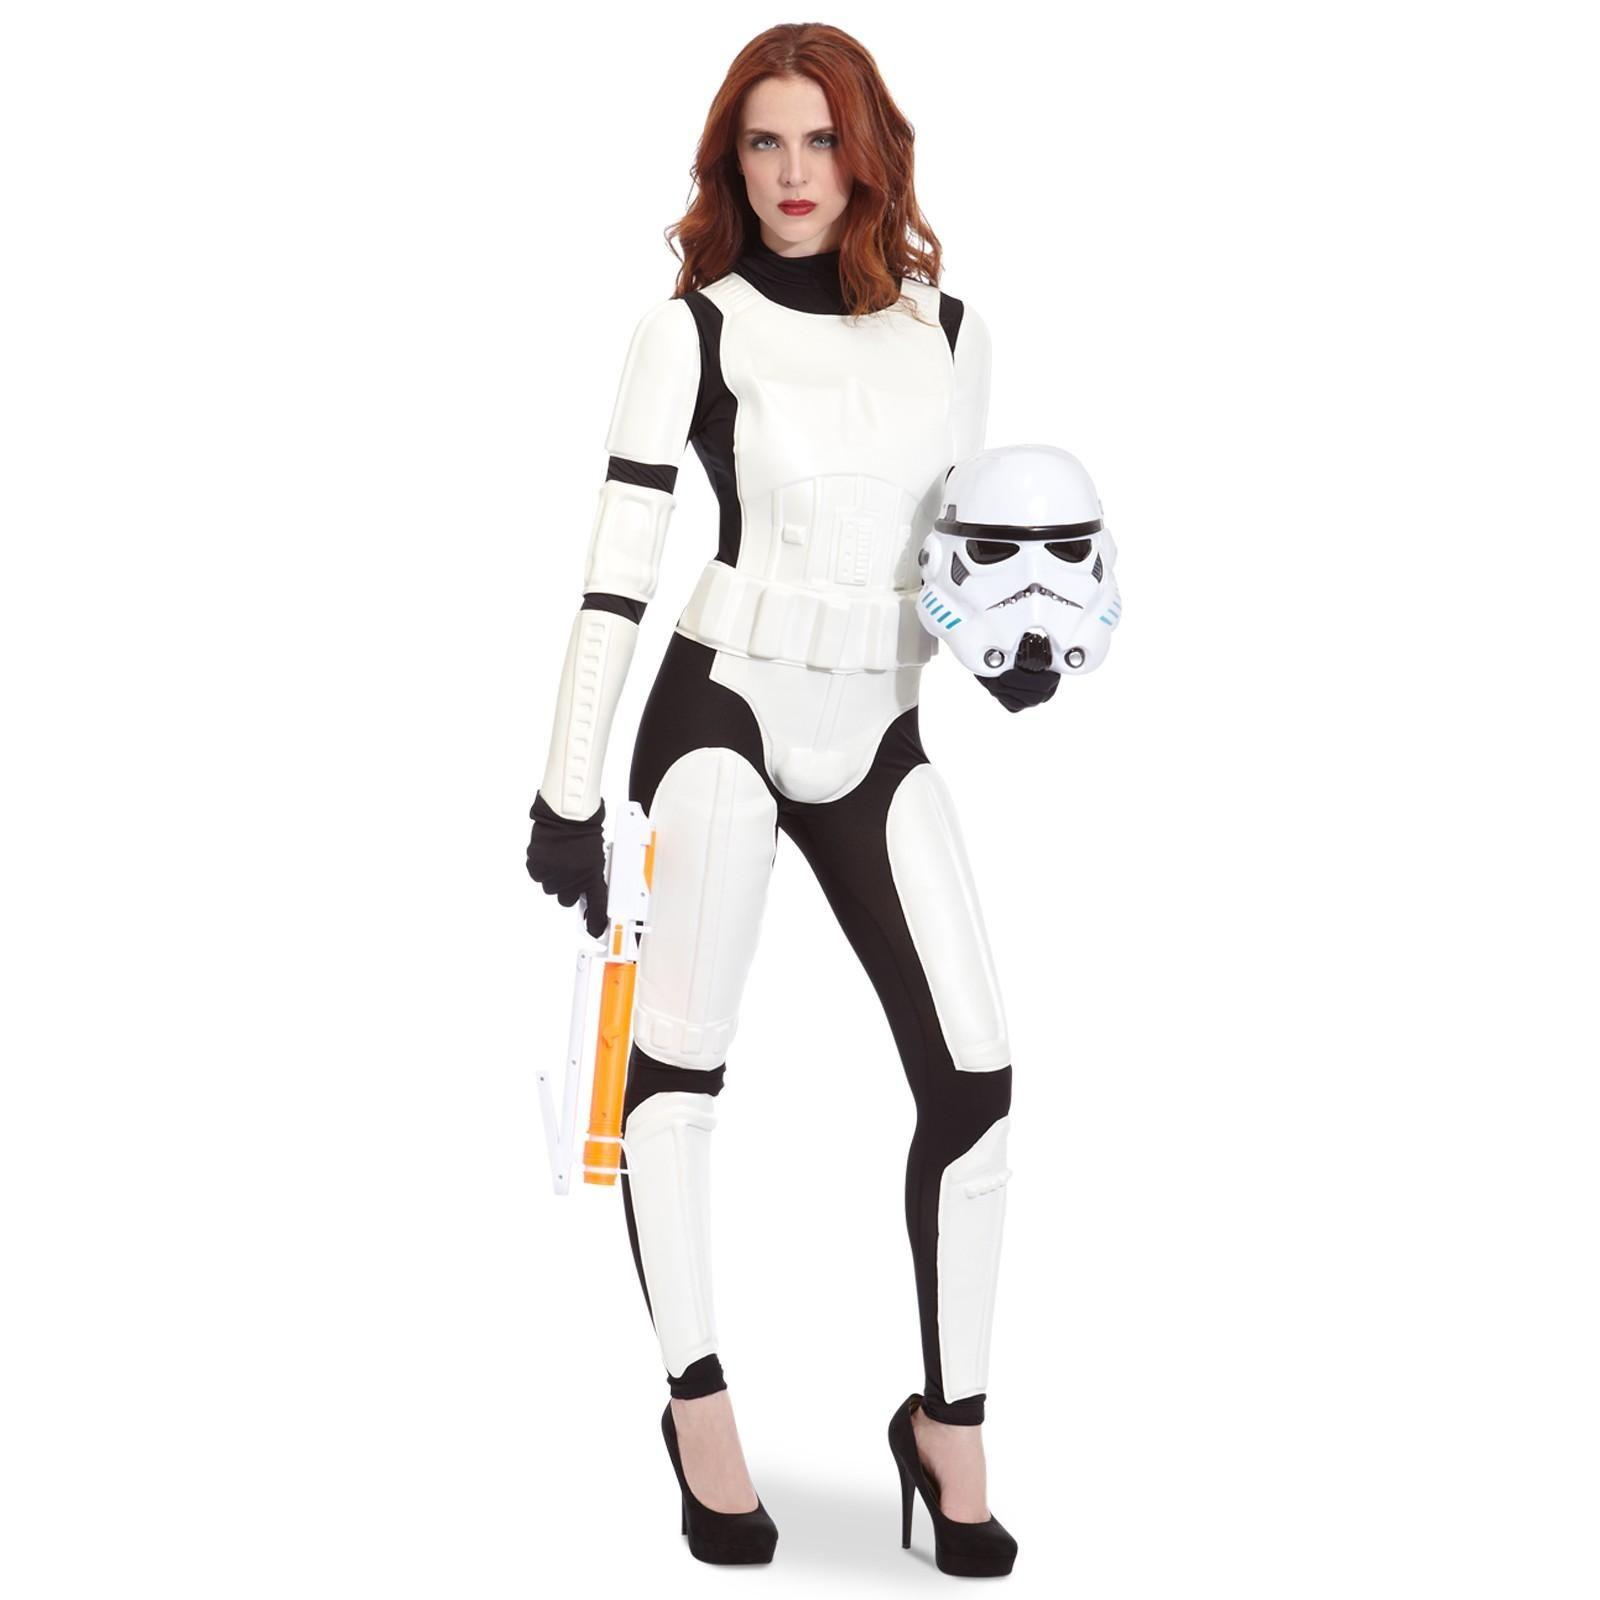 Classic Deluxe Mens Stormtrooper Star Wars Costume In 2019 -3629